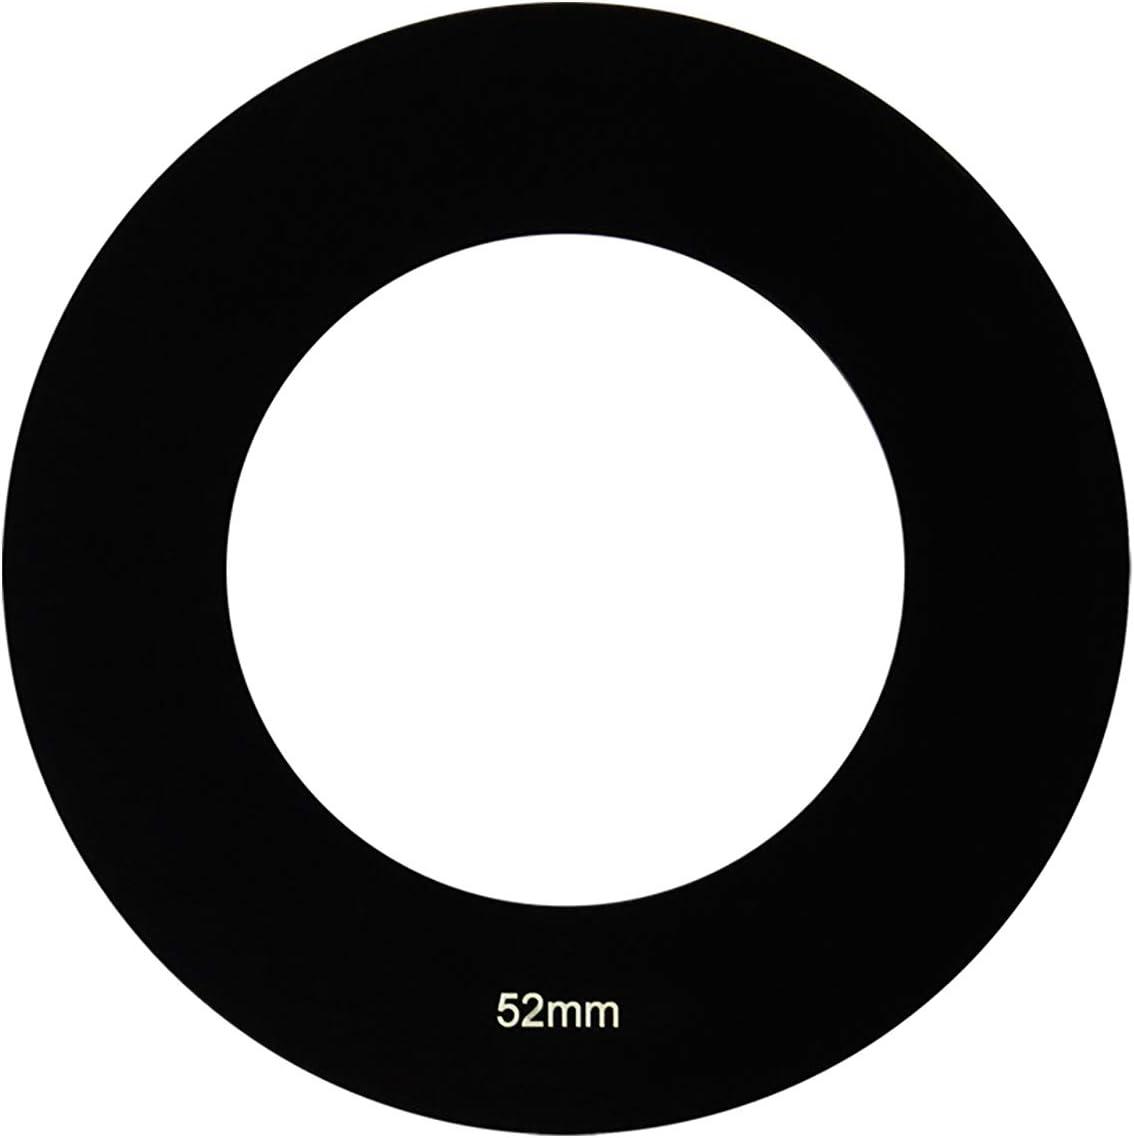 Bague dadaptation pour Cokin P 82 mm 37 mm Bague dadaptation pour Cokin P 49 mm